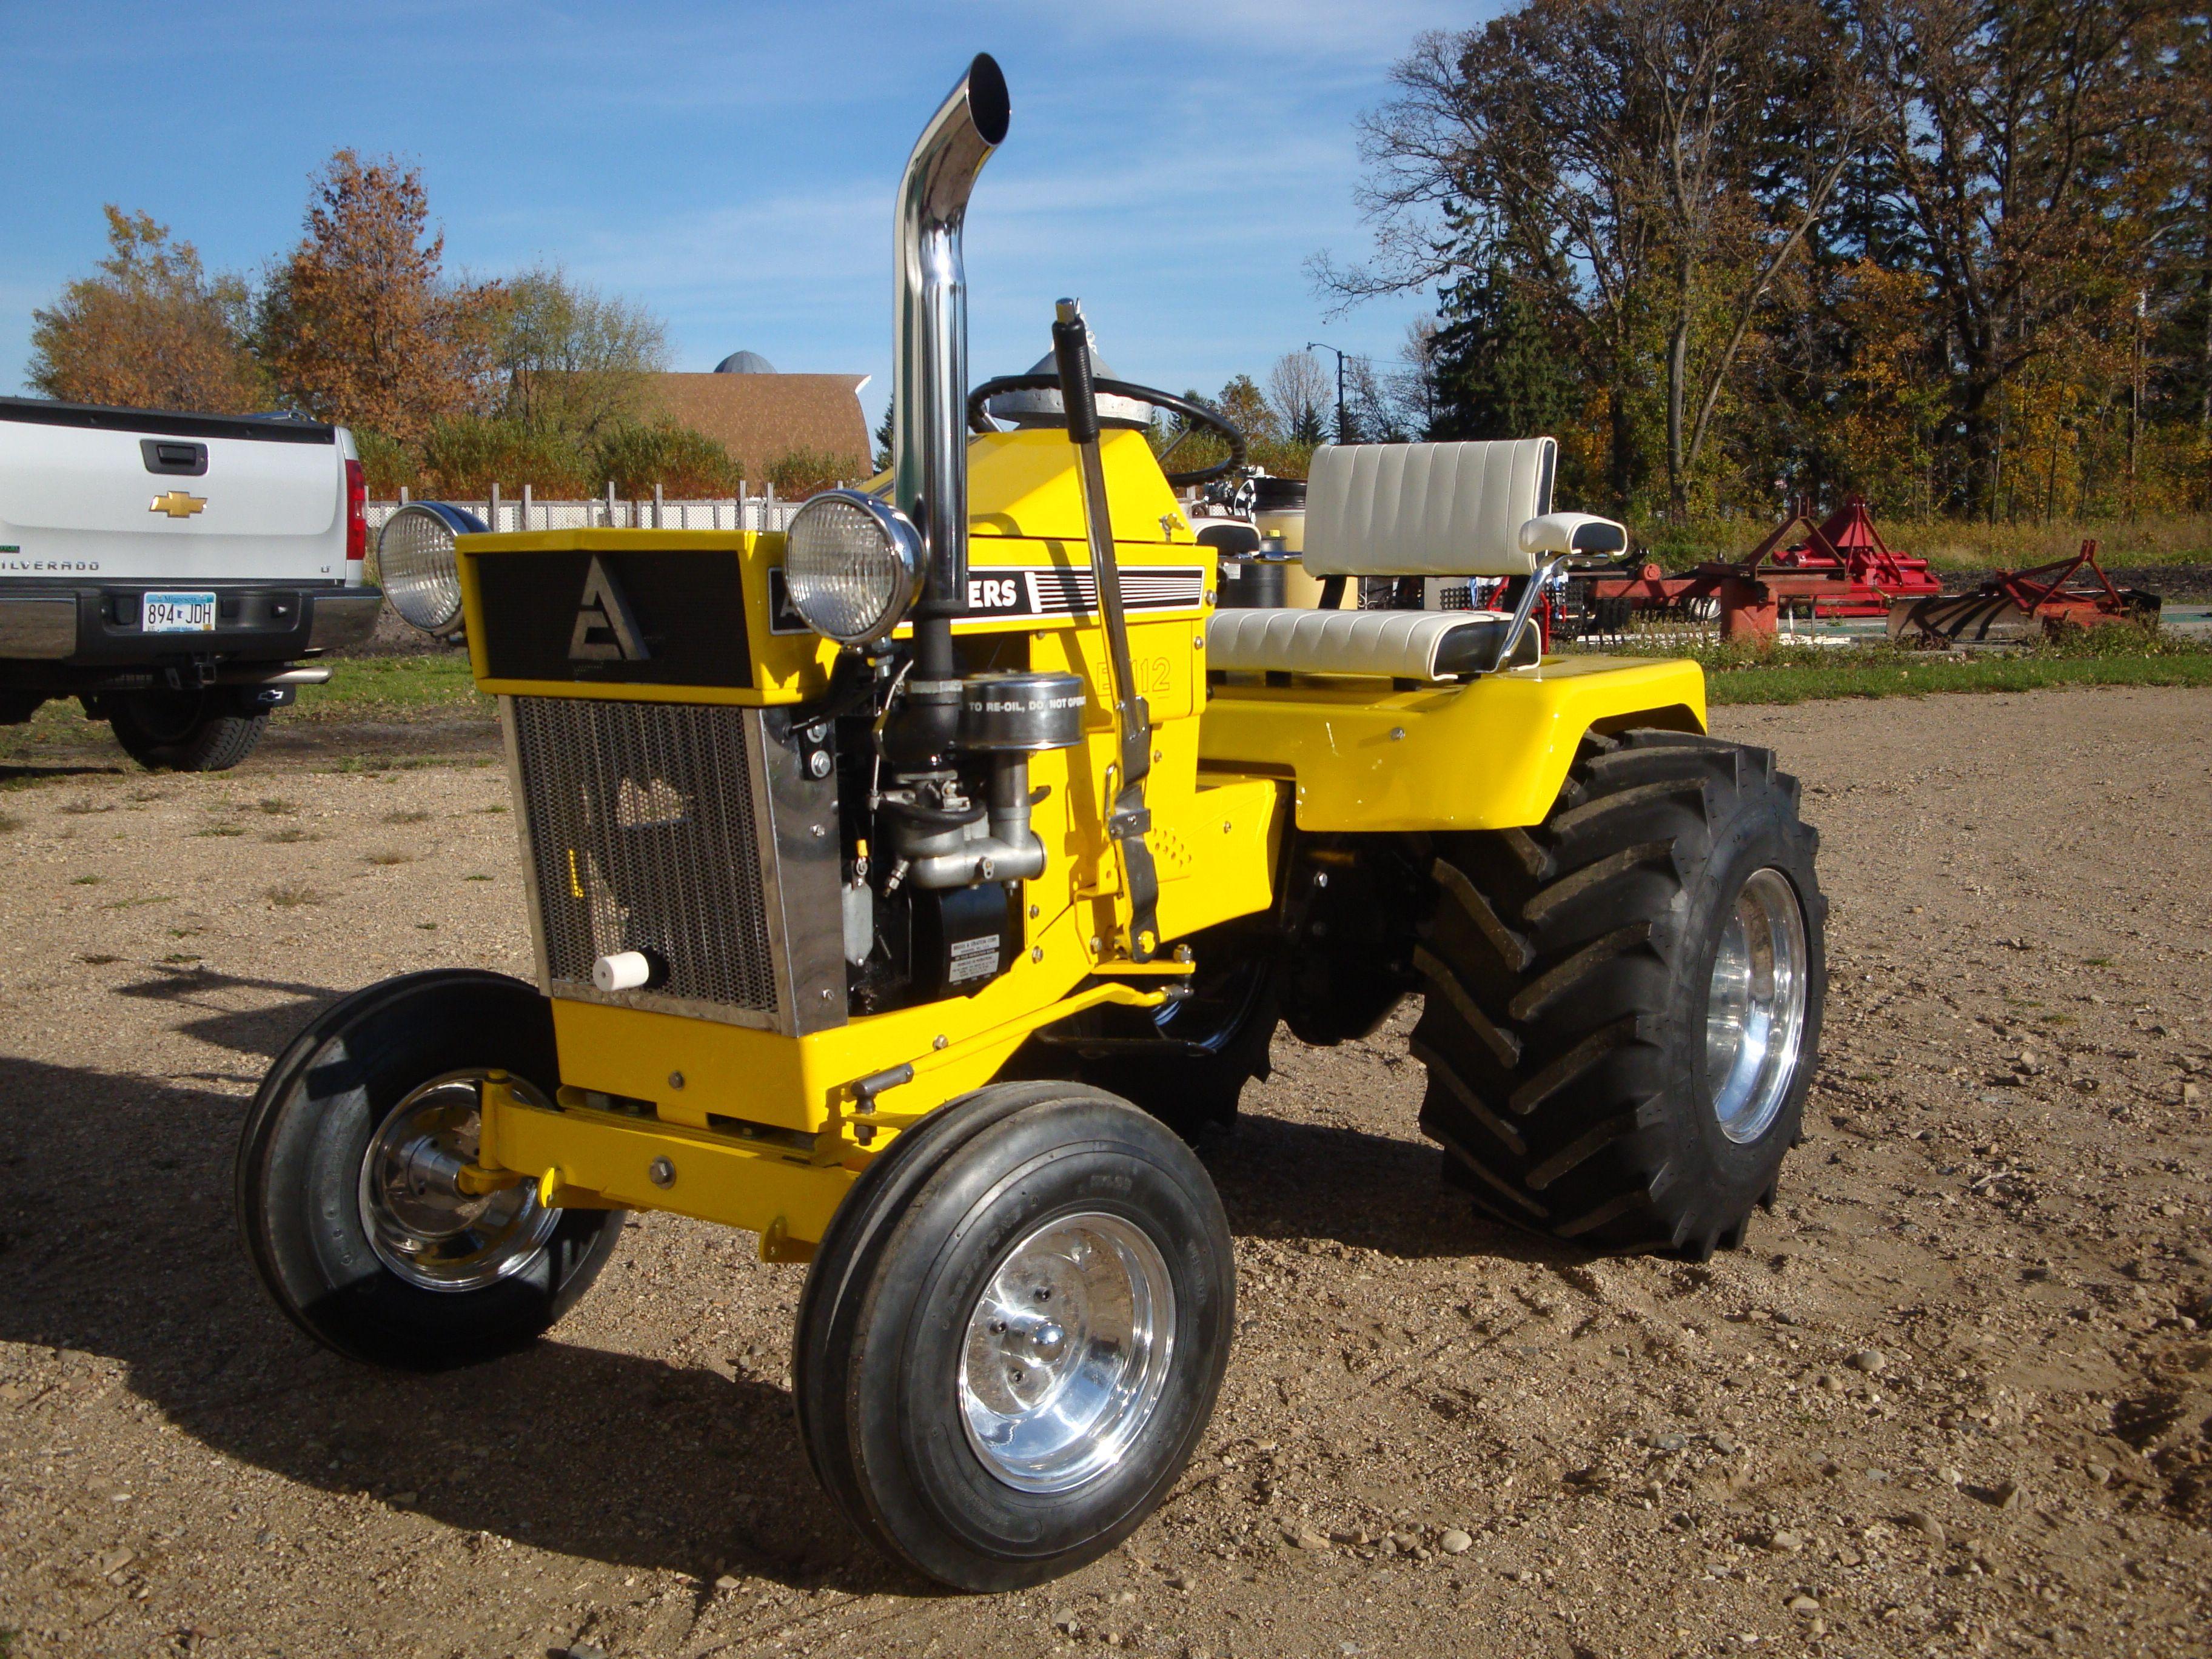 Allis chalmers b 112 garden tractor garden tractors for Lawn garden equipment